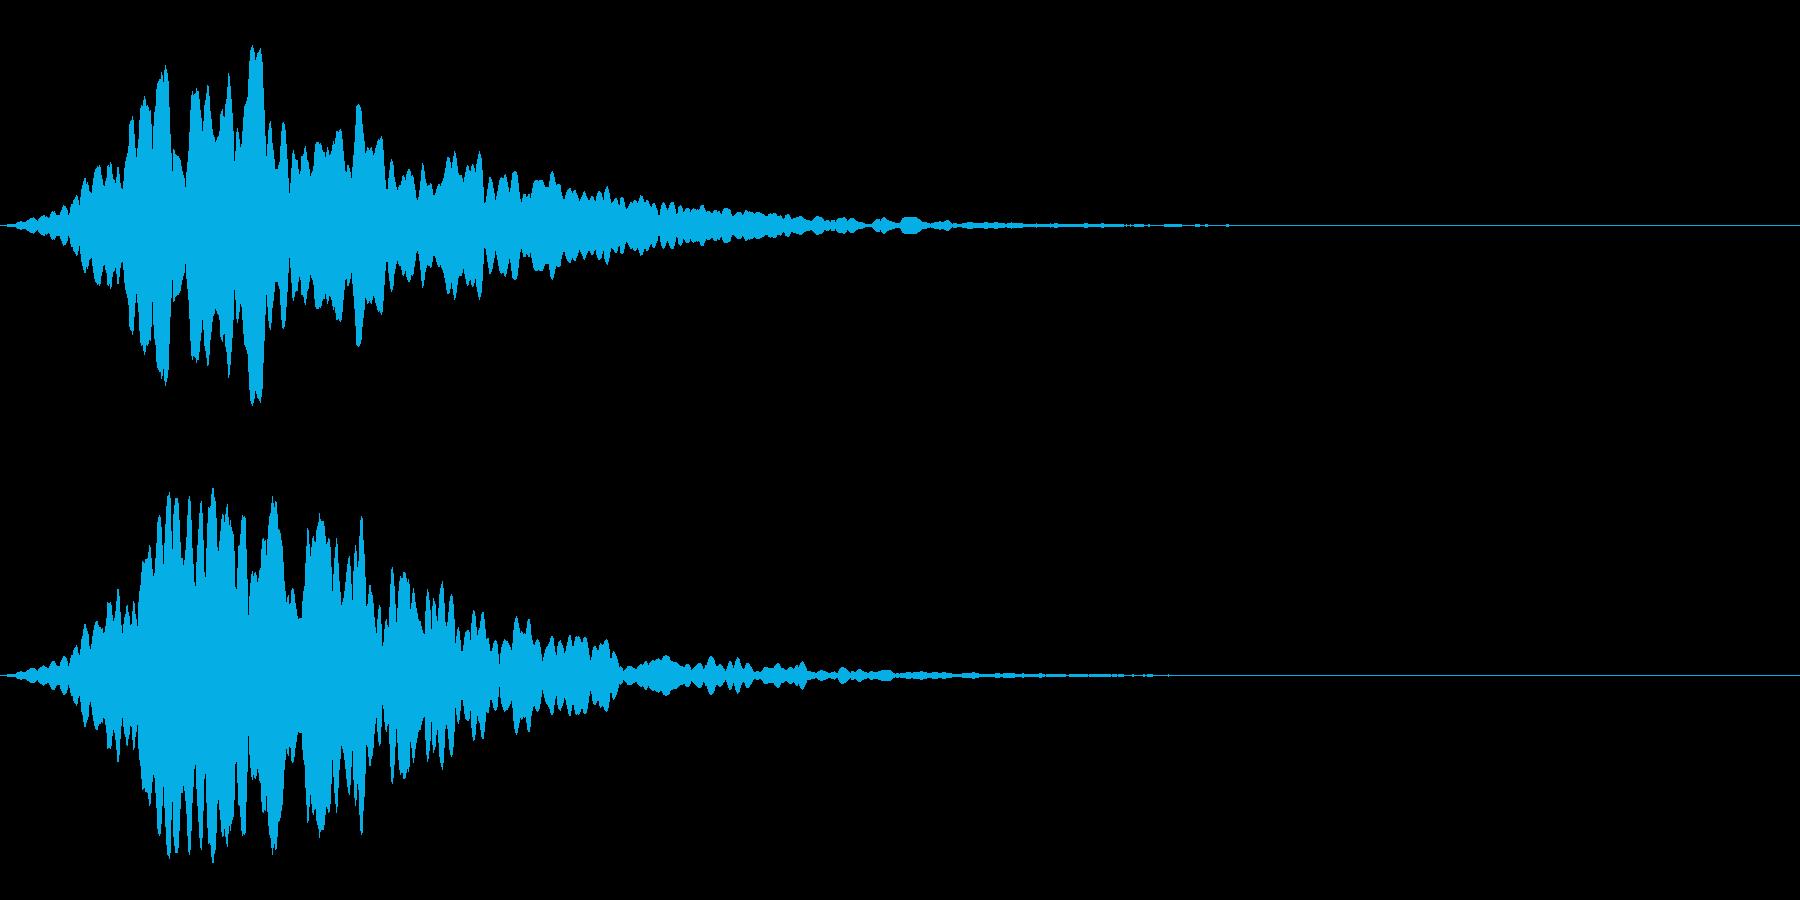 システム系アラーム音の再生済みの波形